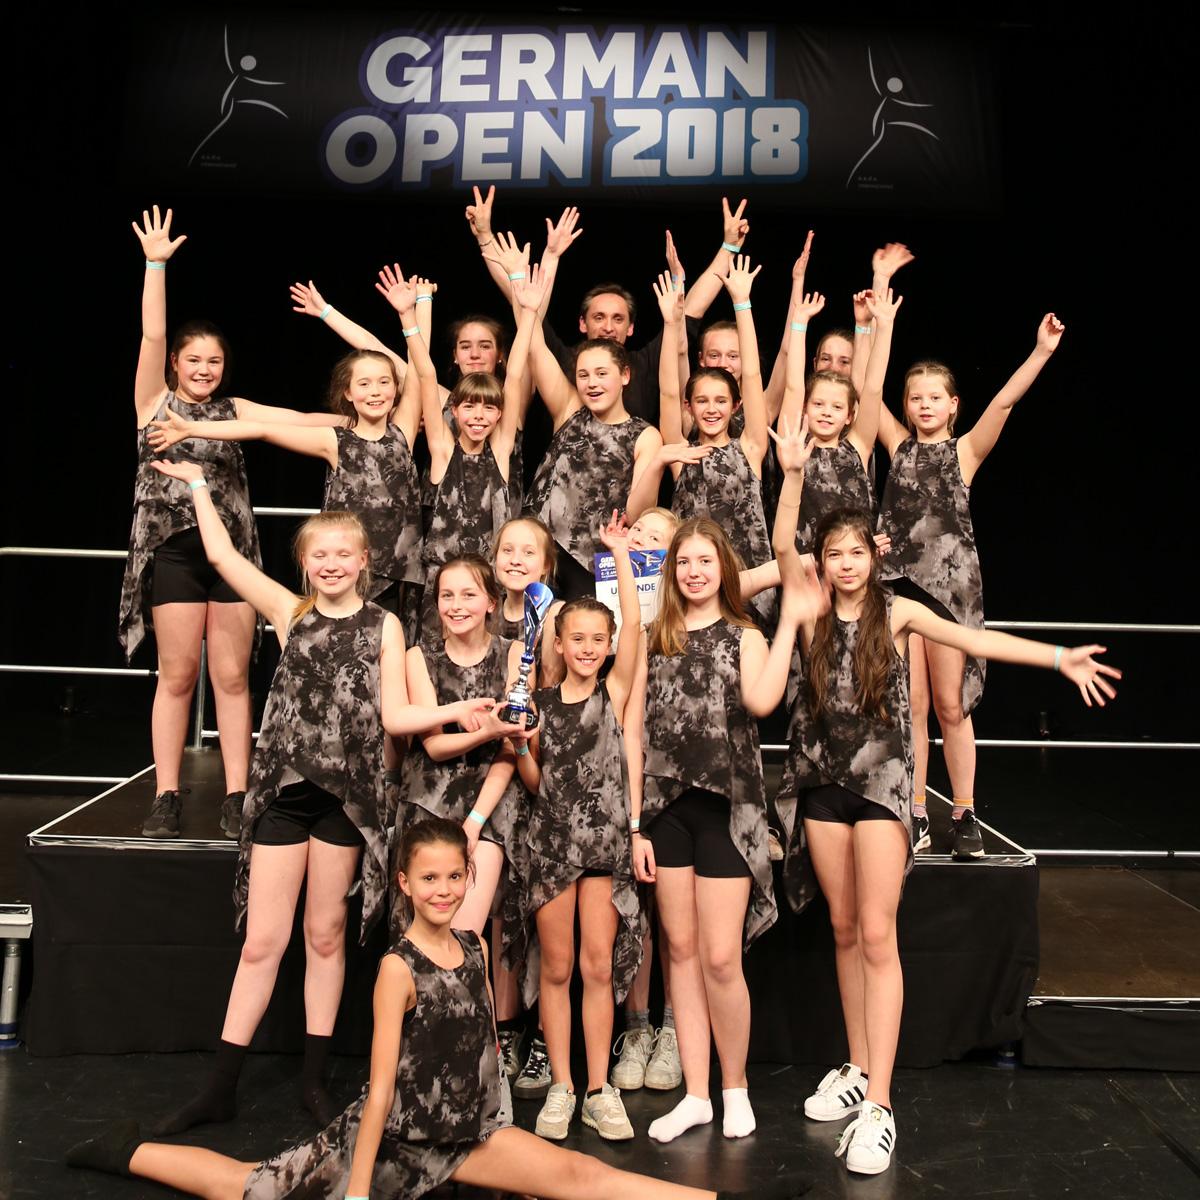 German Open 2018: Showgruppe START-UP ist Deutscher Meister